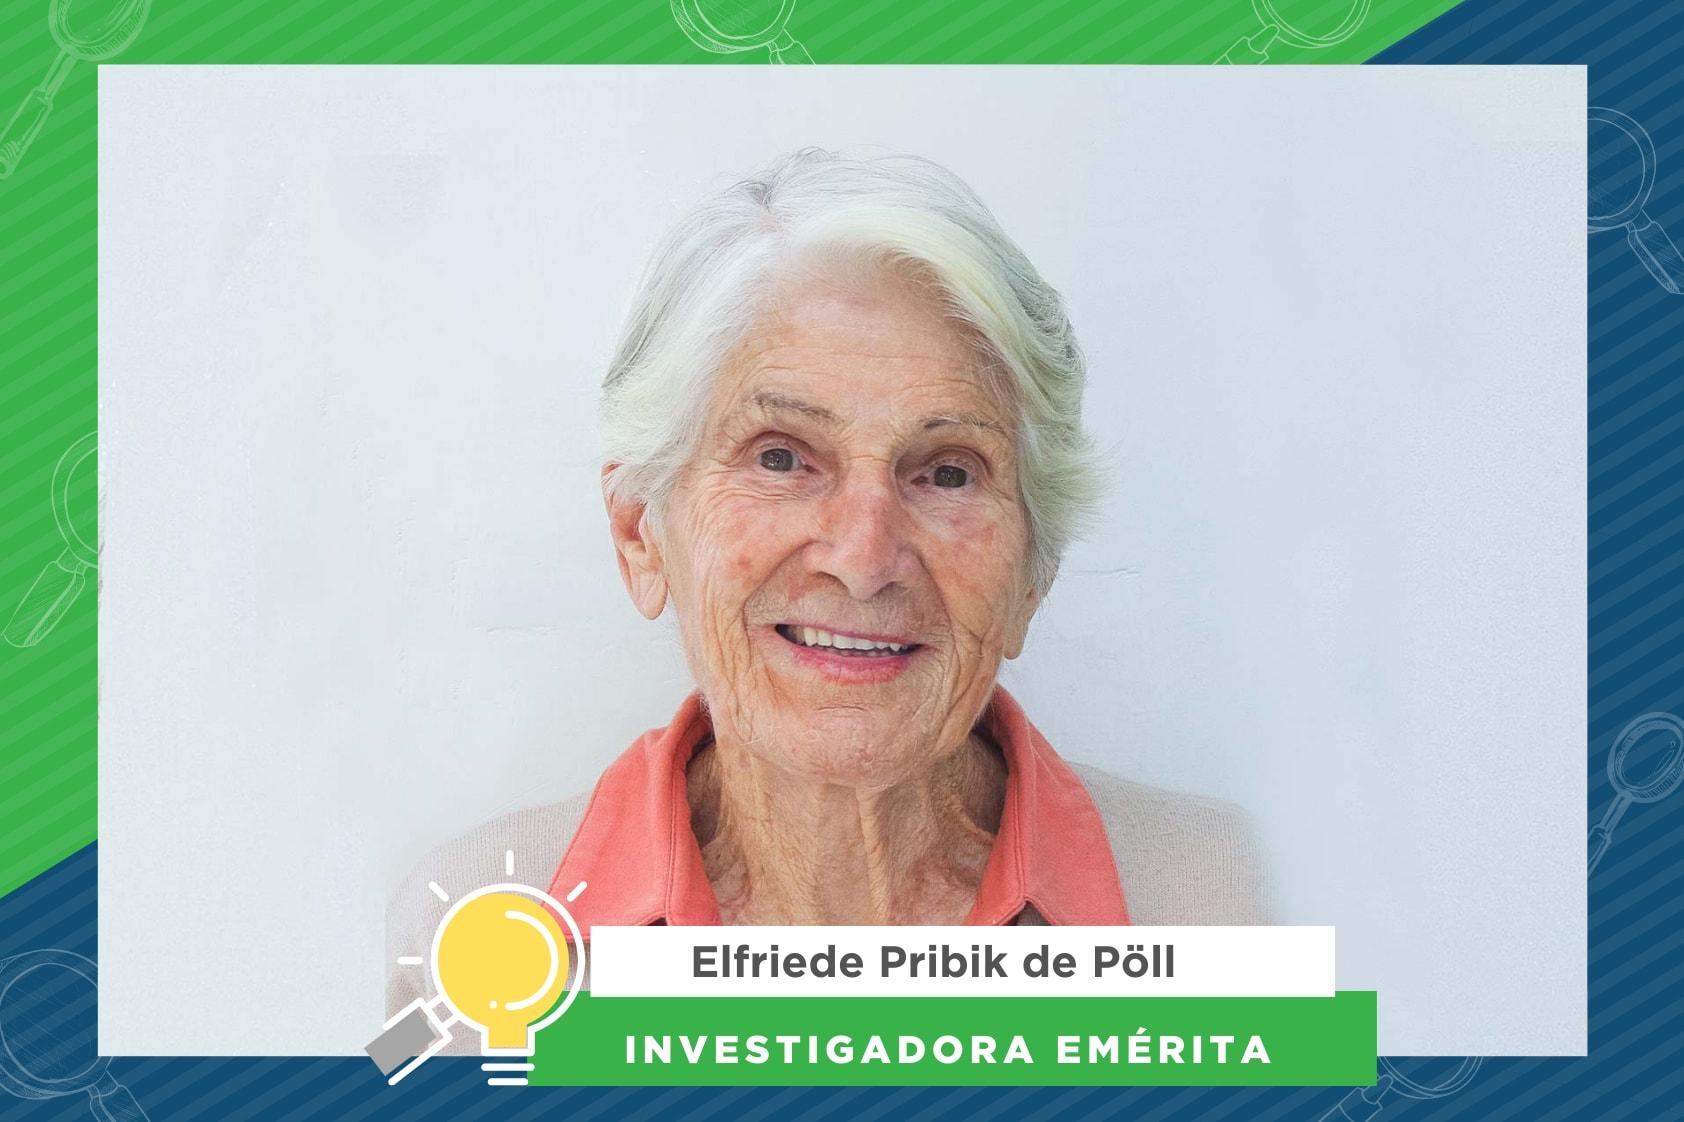 Elfriede Pribik de Pöll y su entusiasmo por la docencia y la botánica